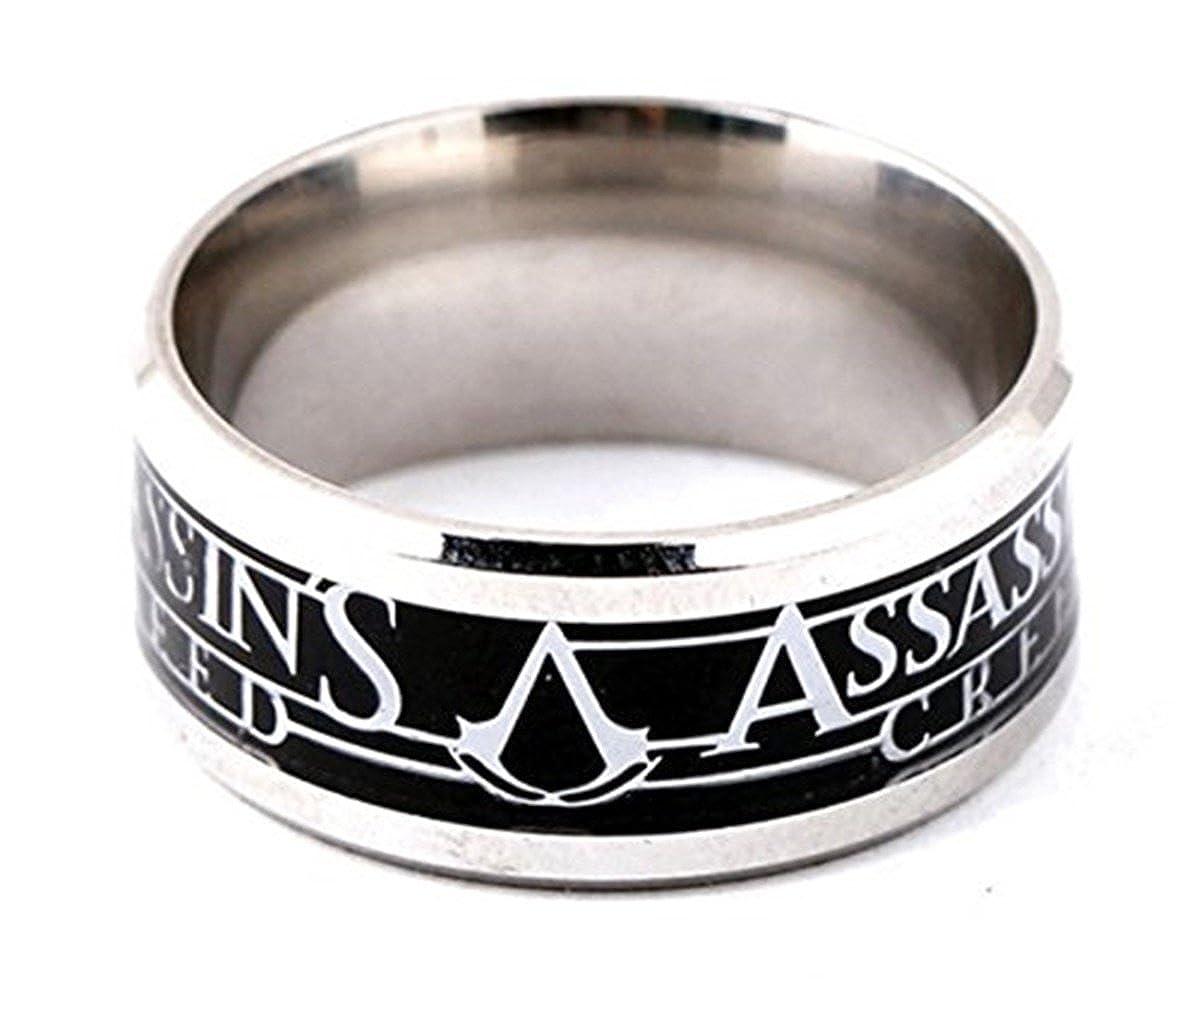 Anello Anelli Gioielli Assassin' s Creed accessori gioielli di design in argento anello in acciaio inox inossidabile gioielli (diametro interno: circa 18mm) Fashion Jewery SBHHN-029